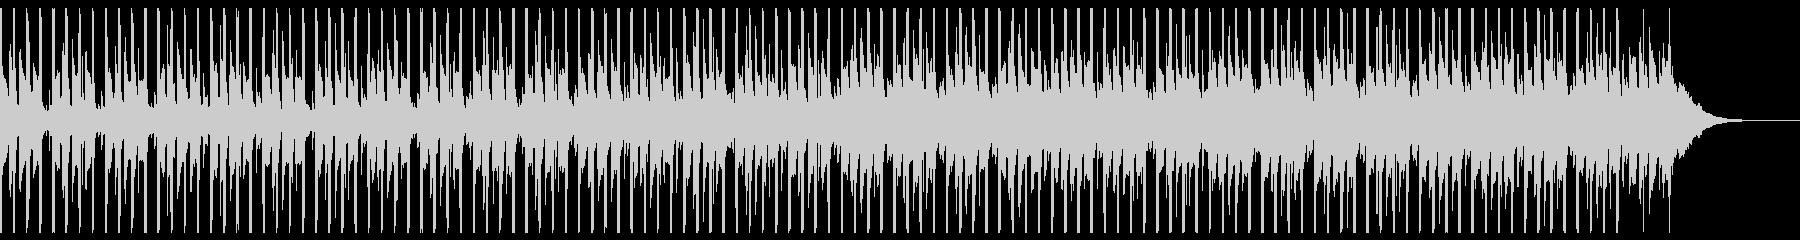 情報技術(60秒)の未再生の波形